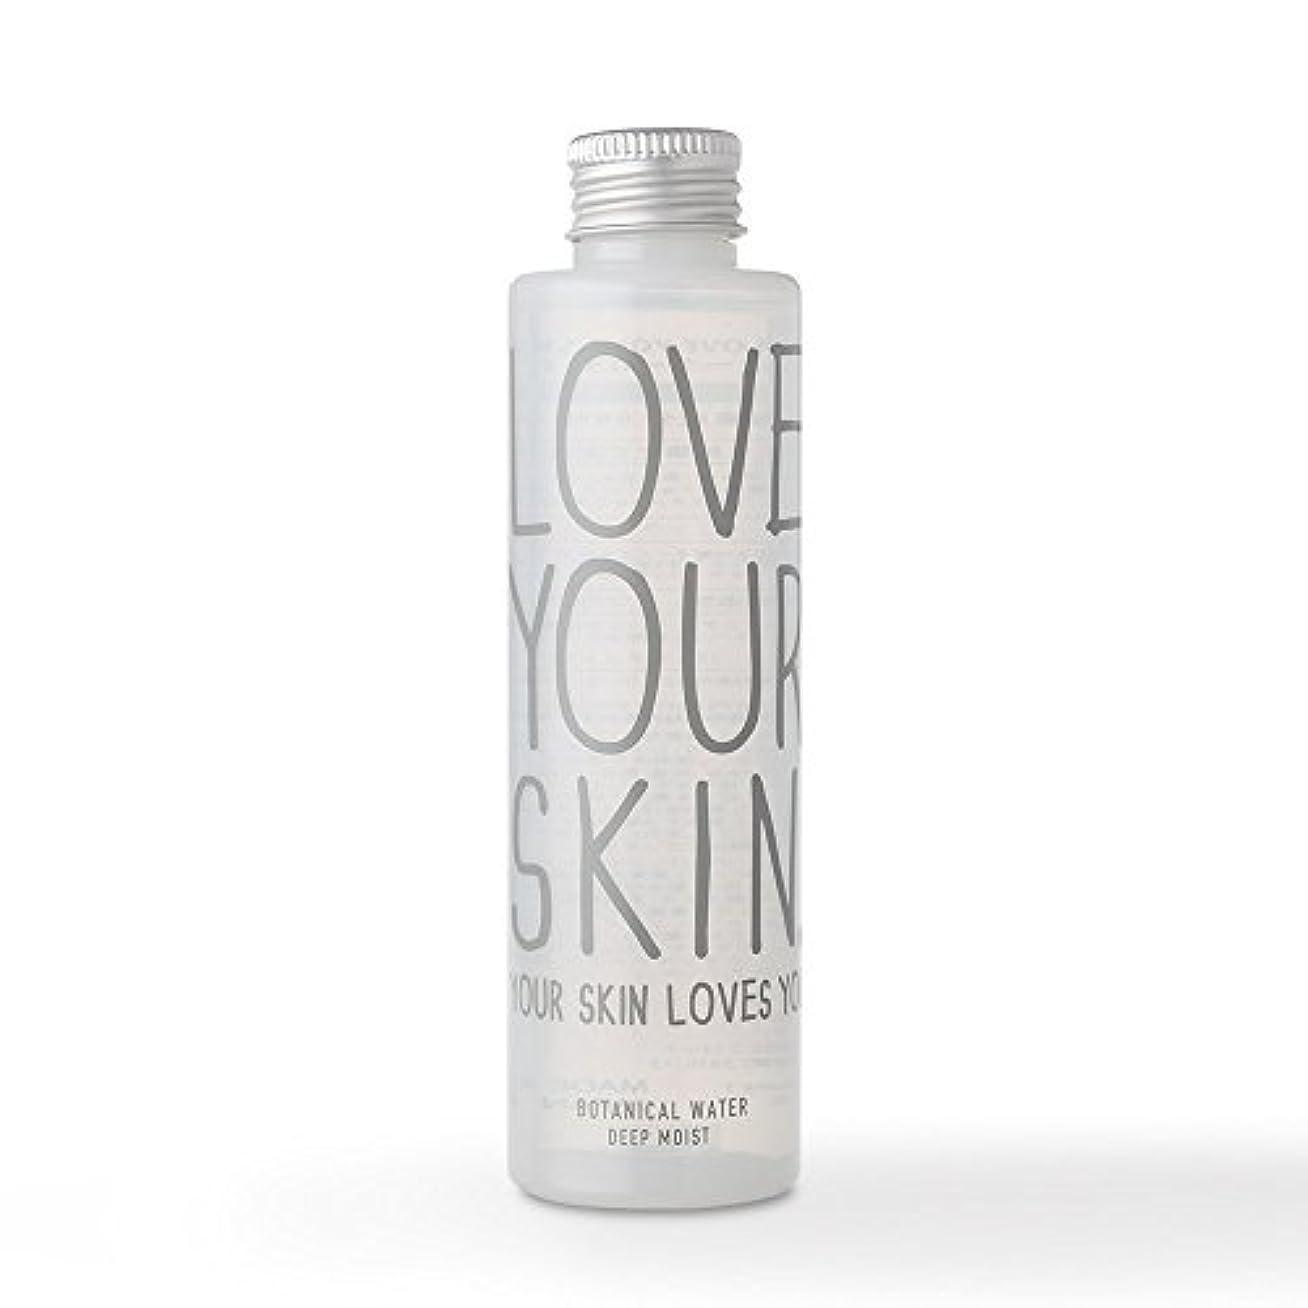 拡張適度に欠如LOVE YOUR SKIN ボタニカルウォーター モイスト Ⅱ リッチ (化粧水) 160ml